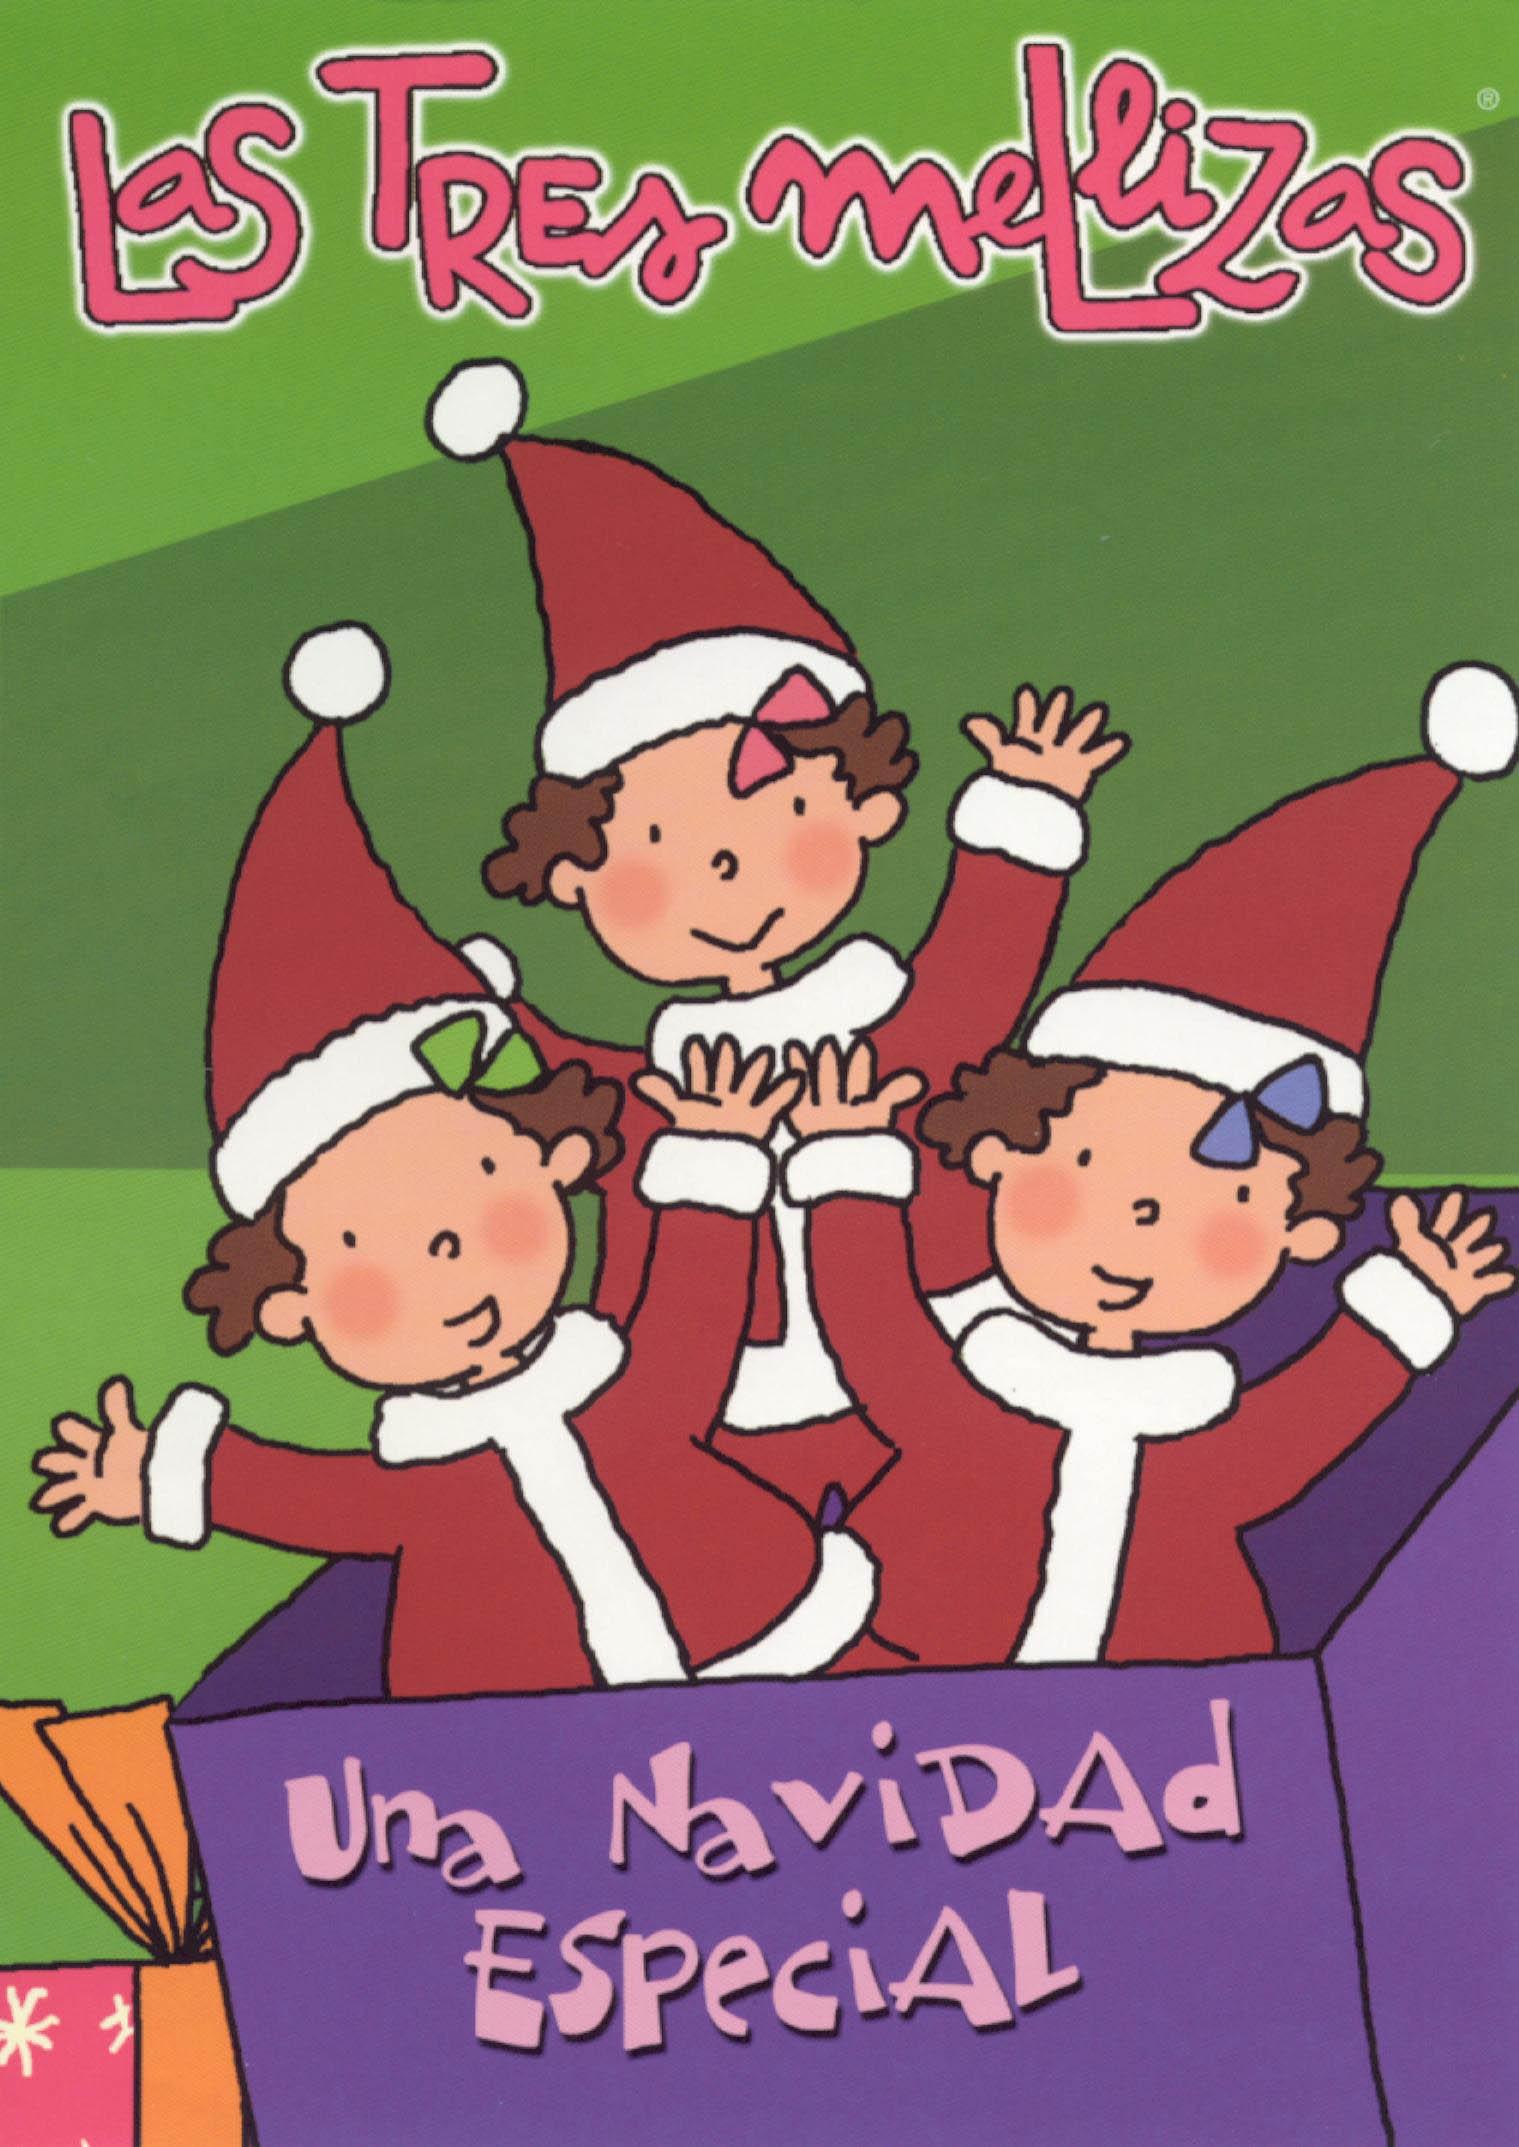 Los Tres Mellizas: Una Navidad Especial